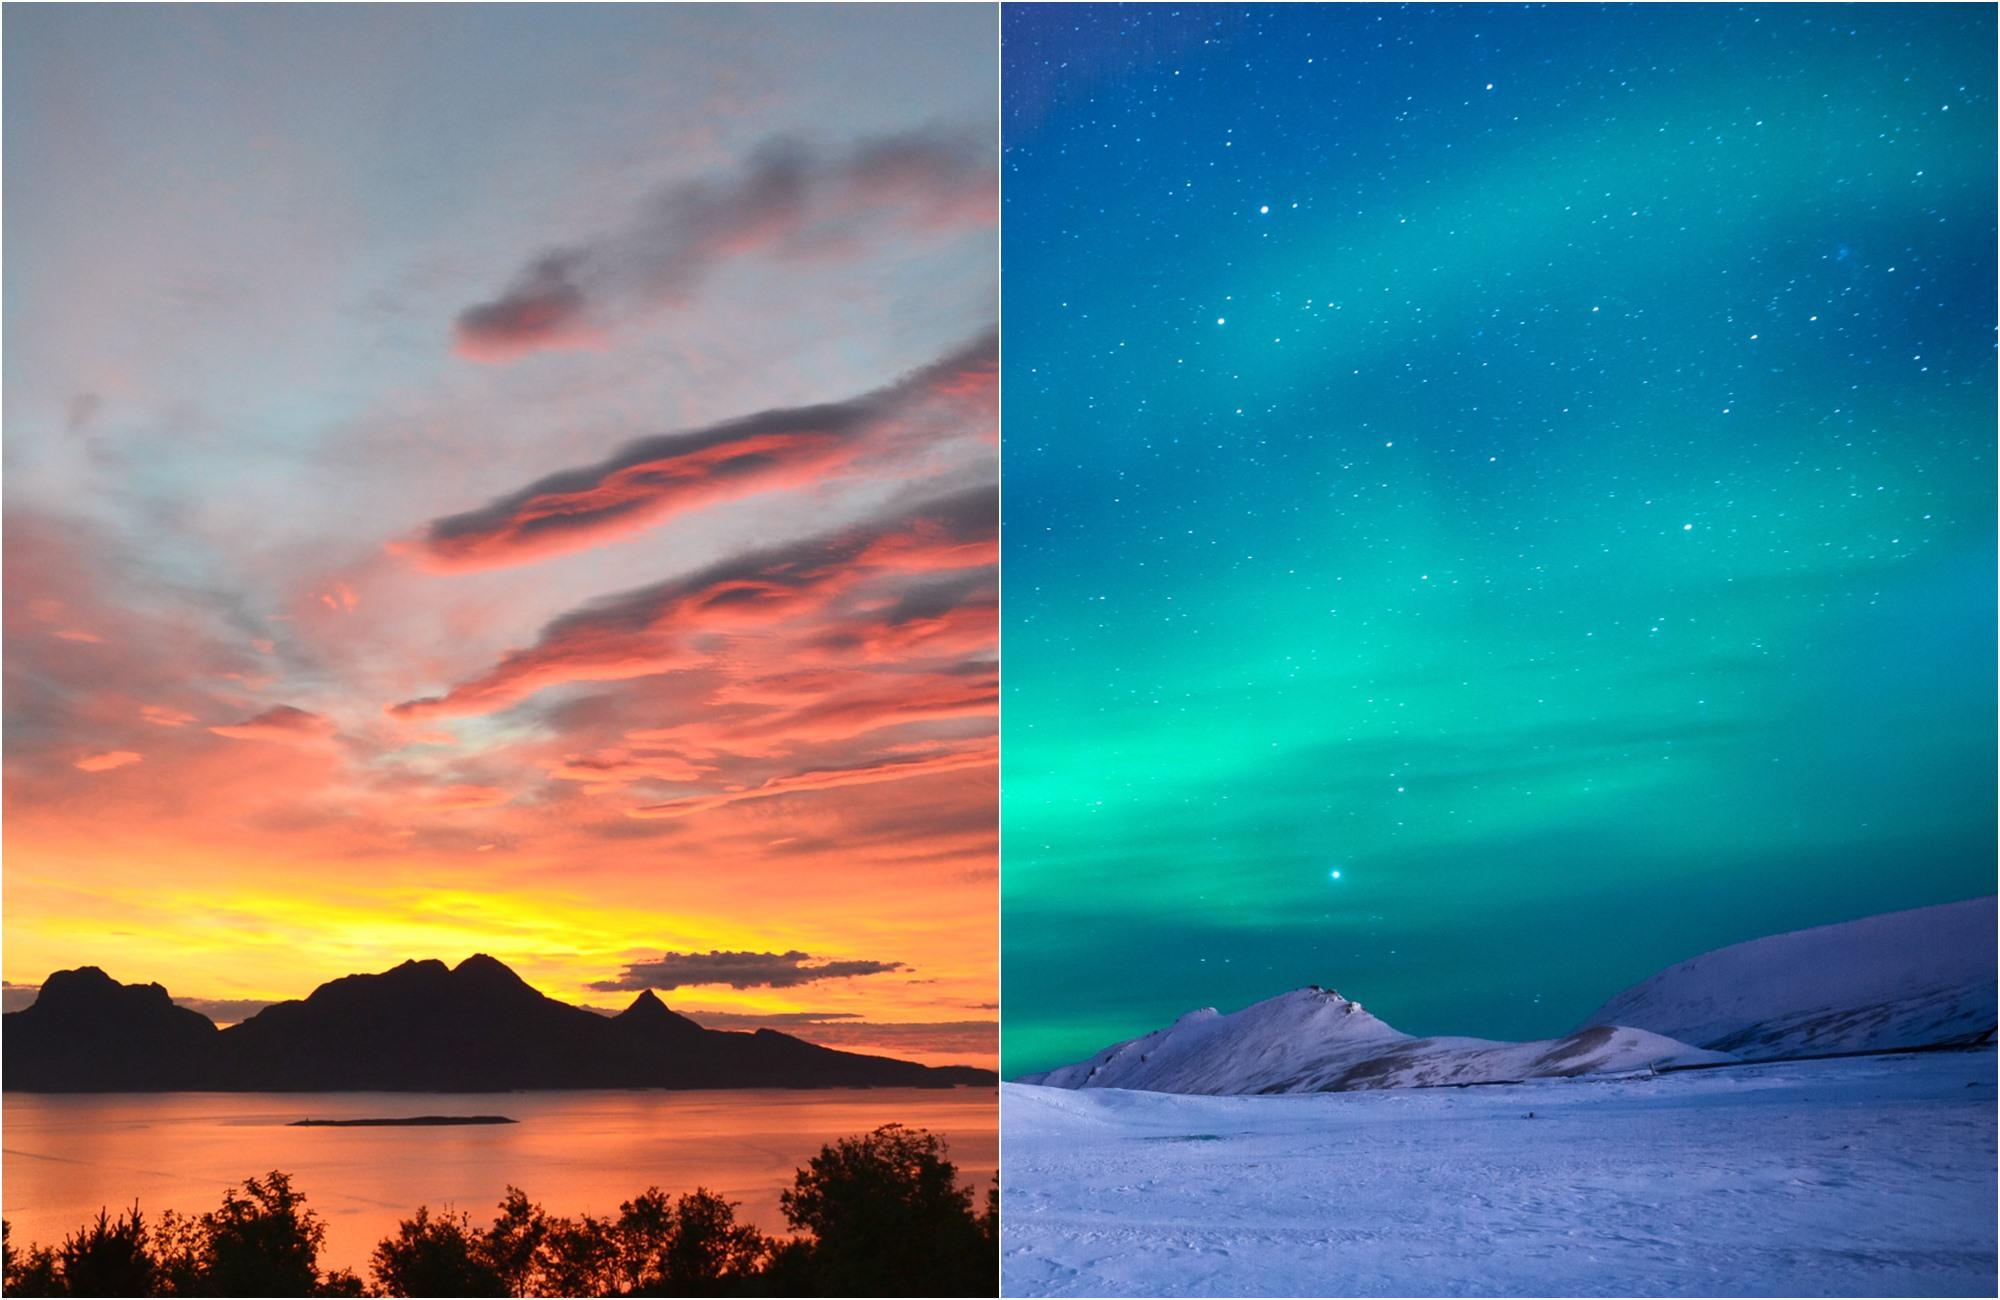 Voyage Grand Nord - Aurore boréale versus soleil de minuit - Amplitudes